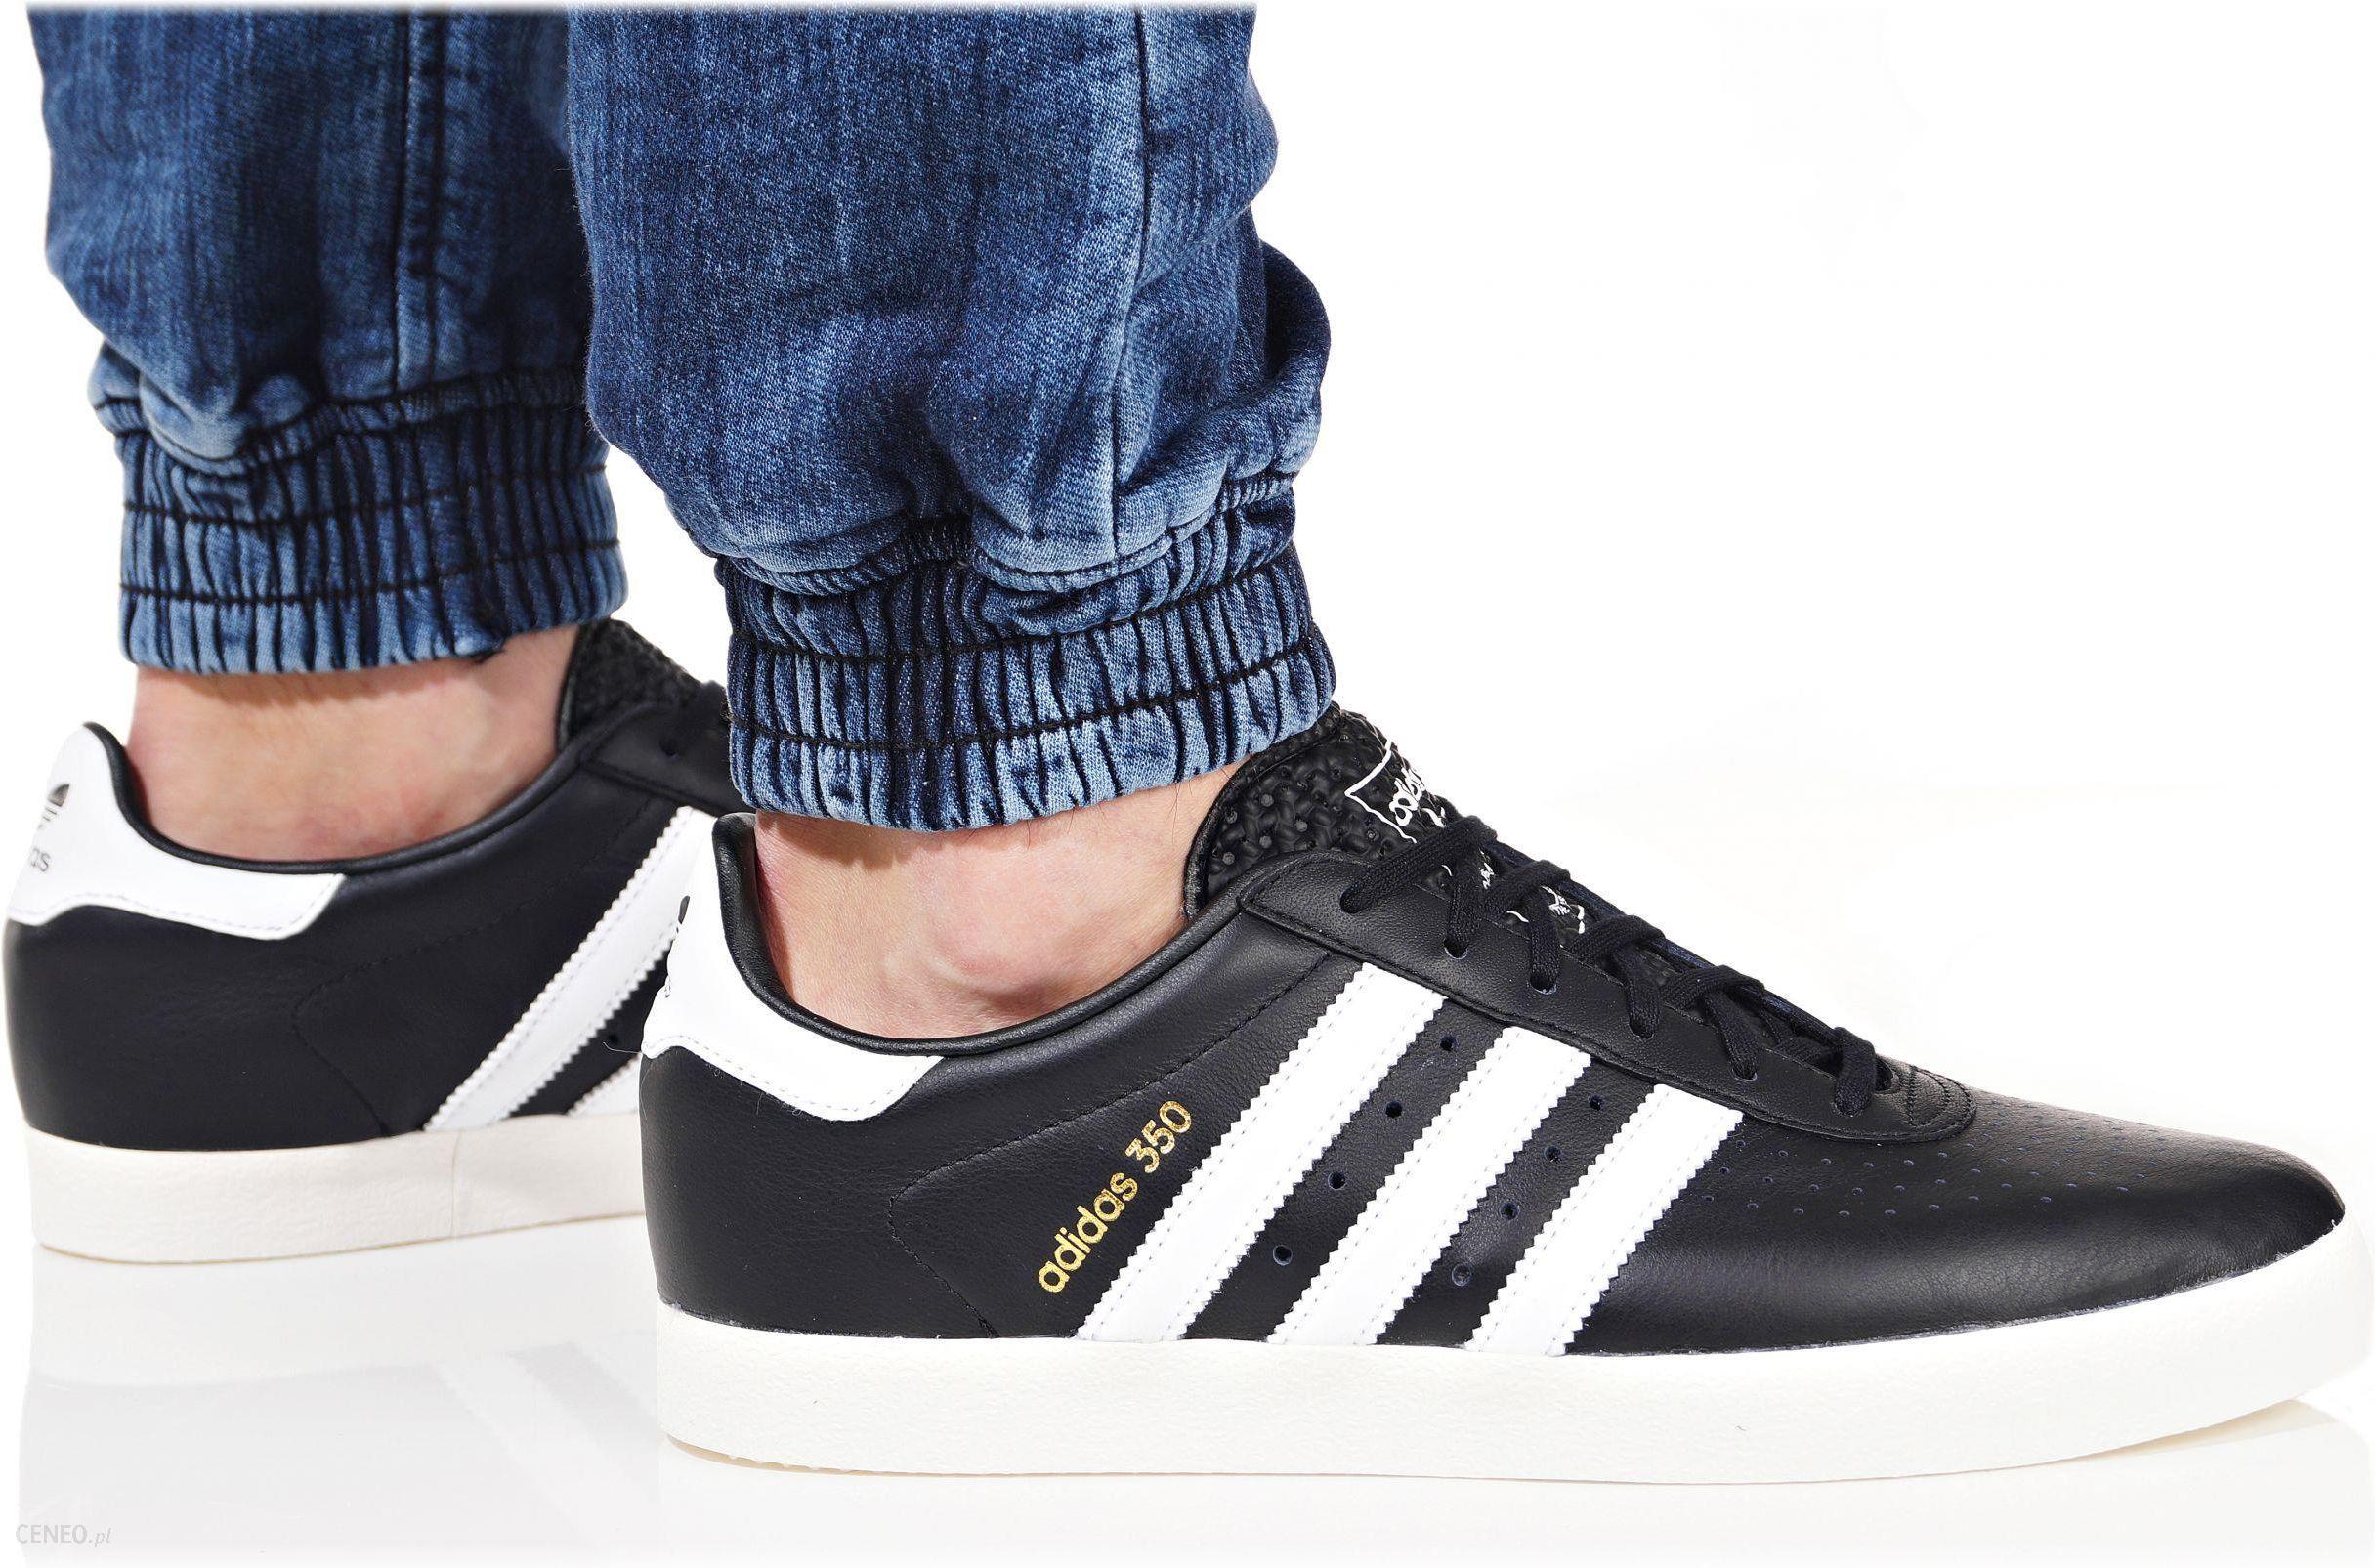 Buty Adidas M?skie Adidas 350 Originals CQ2779 Ceny i opinie Ceneo.pl